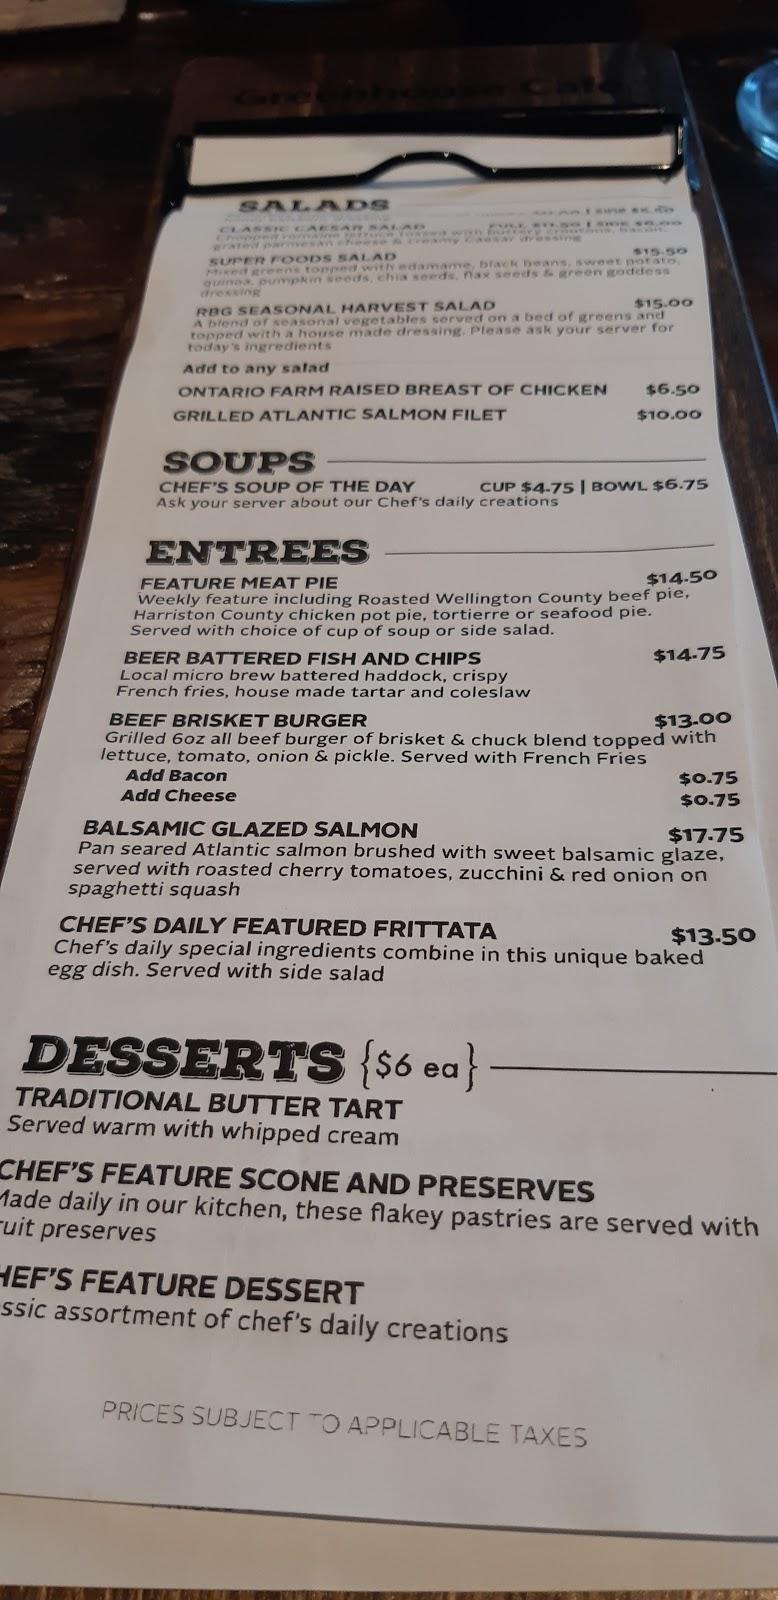 The Greenhouse Café   cafe   680 Plains Rd W, Burlington, ON L7T 4H4, Canada   9055271158 OR +1 905-527-1158